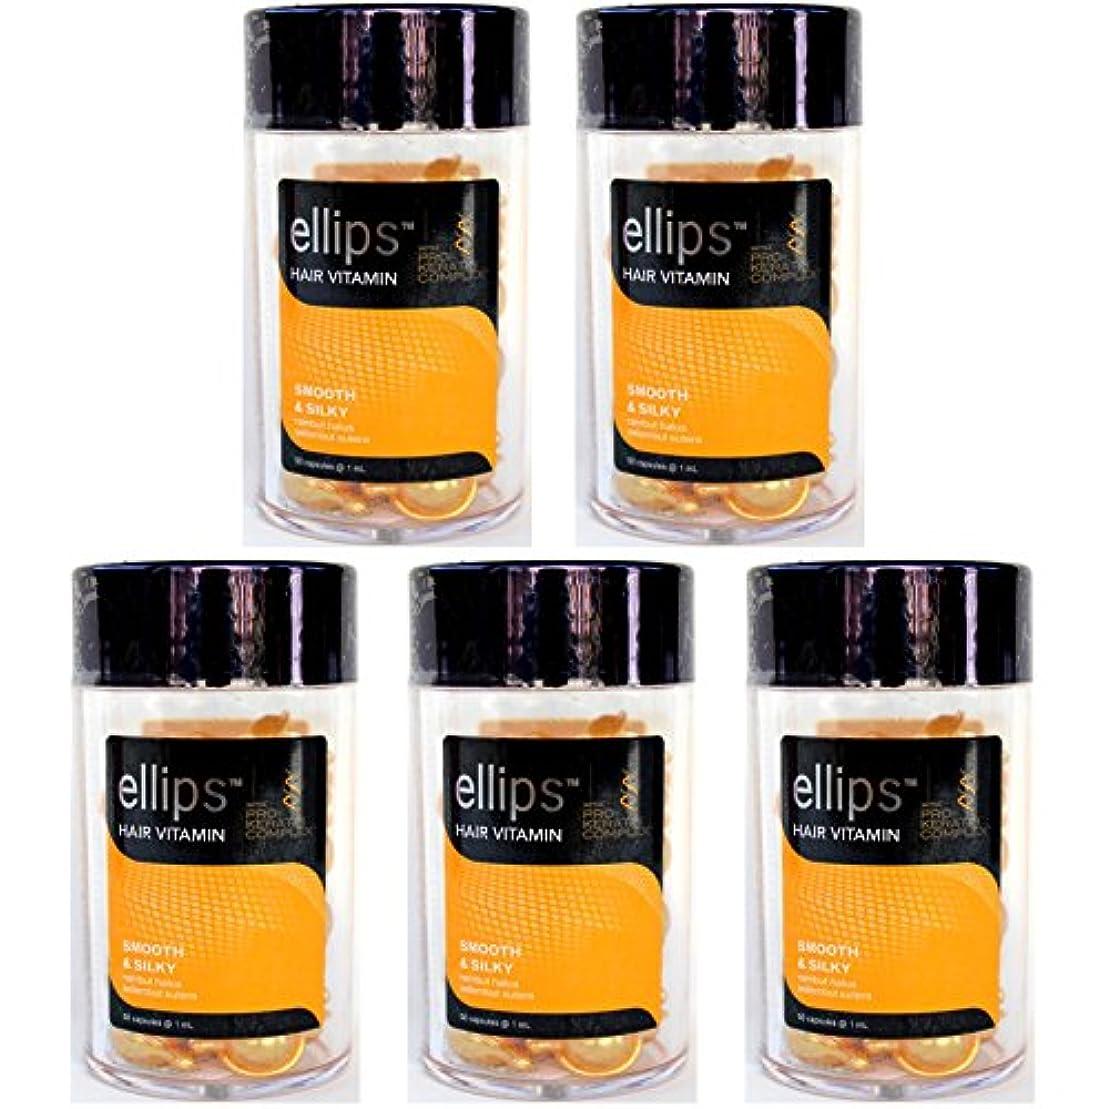 笑いばか対話ellips エリプス Hair Vitamin ヘア ビタミン Pro-Keratin Complex プロケラチン配合 SMOOTH & SILKY イエロー ボトル(50粒入) × 5本 セット [並行輸入品][海外直送品]